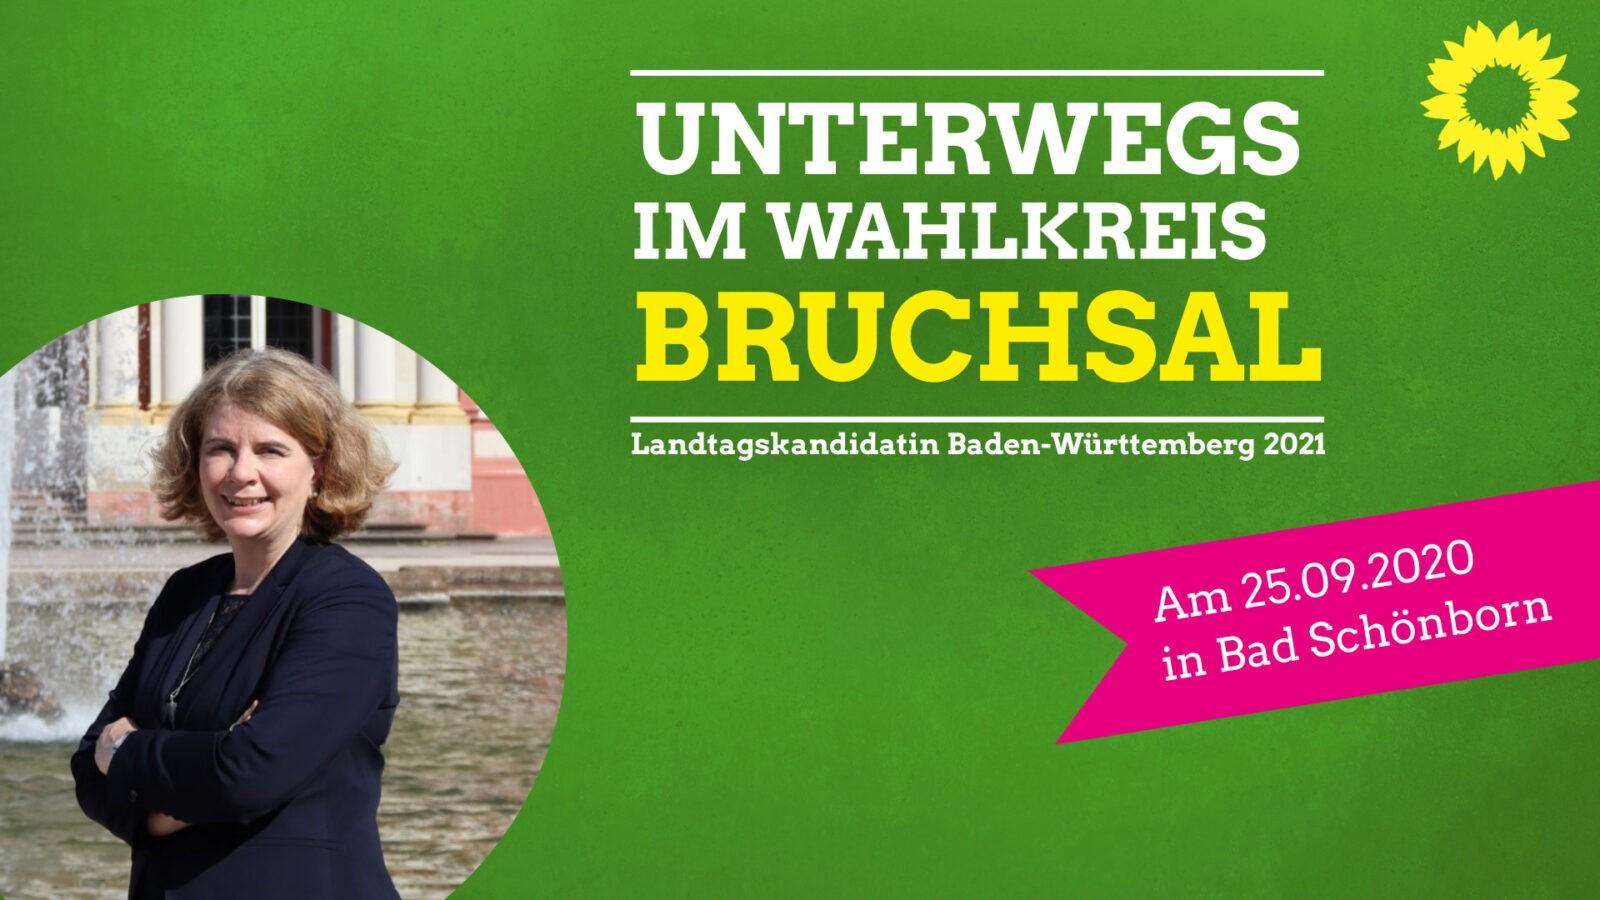 Bad Schönborn Weltladen – Unterwegs im Wahlkreis